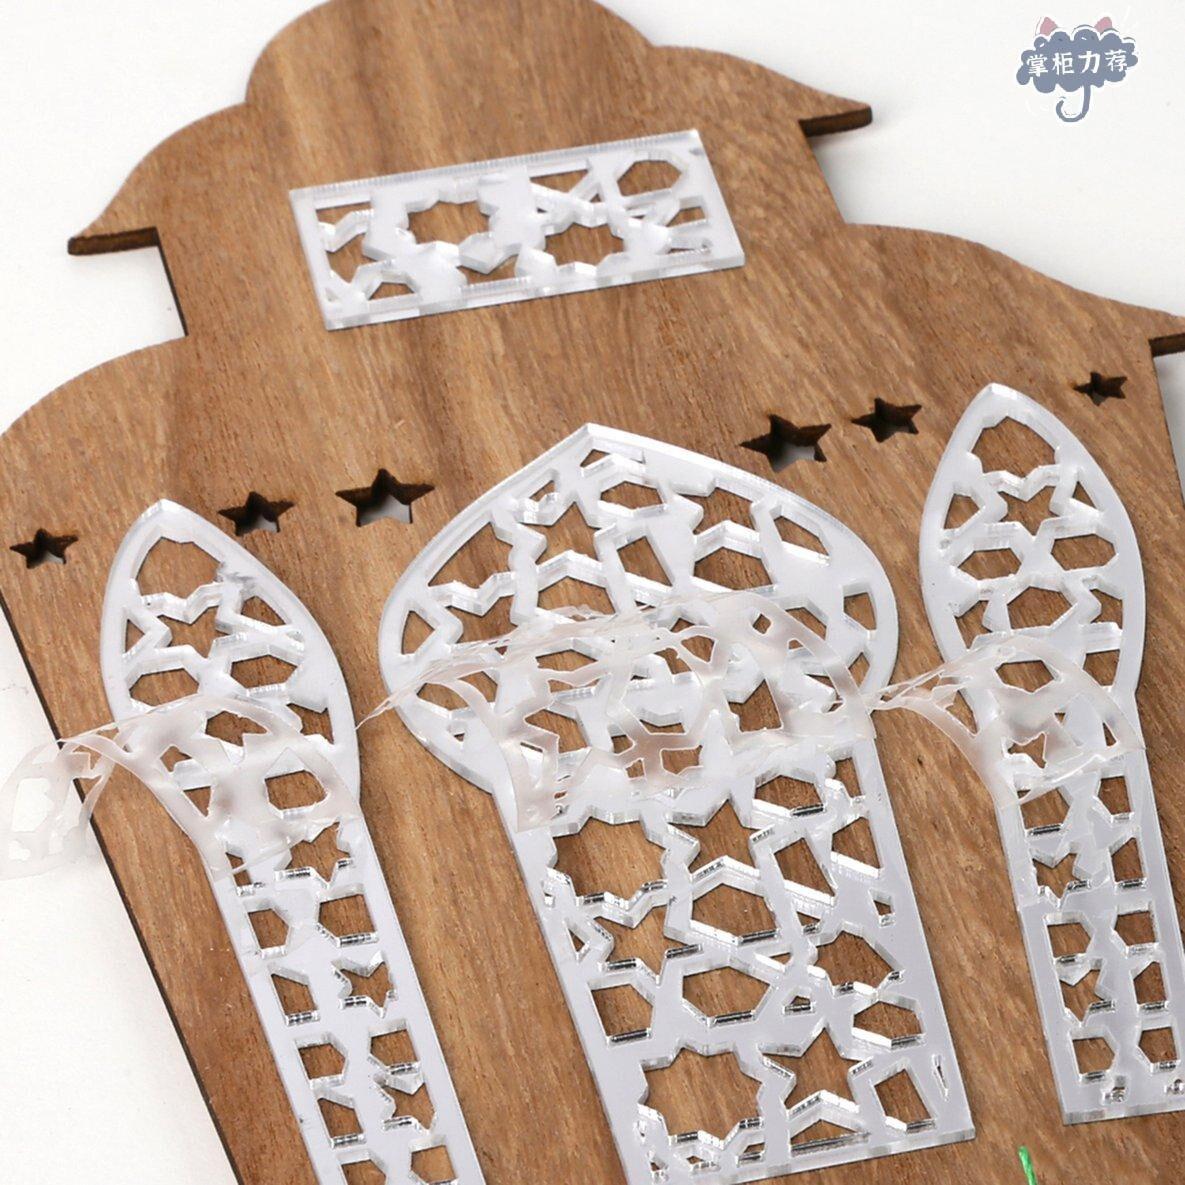 【全館免運】Jm01345木製開齋節鋁燈籠配鏡面流蘇鏡面家居吊墜